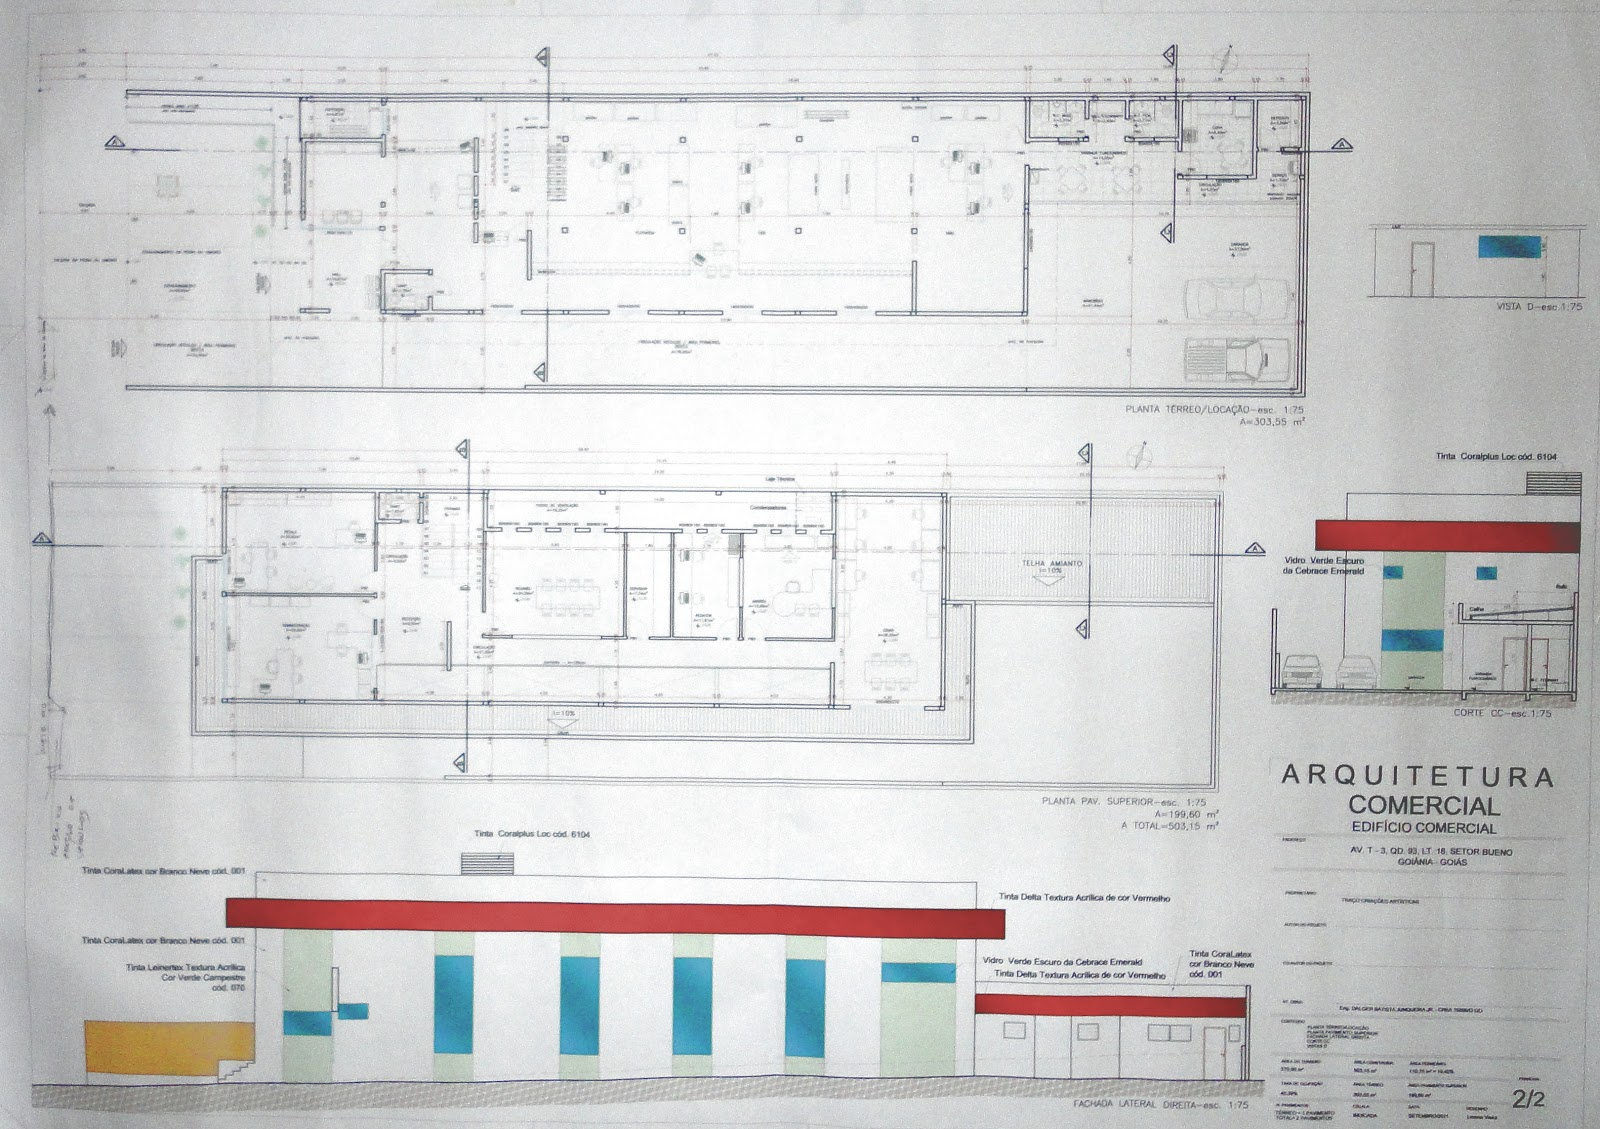 Urbanismo: Projeto Executivo de uma Arquitetura Comercial #31809A 1600 1129